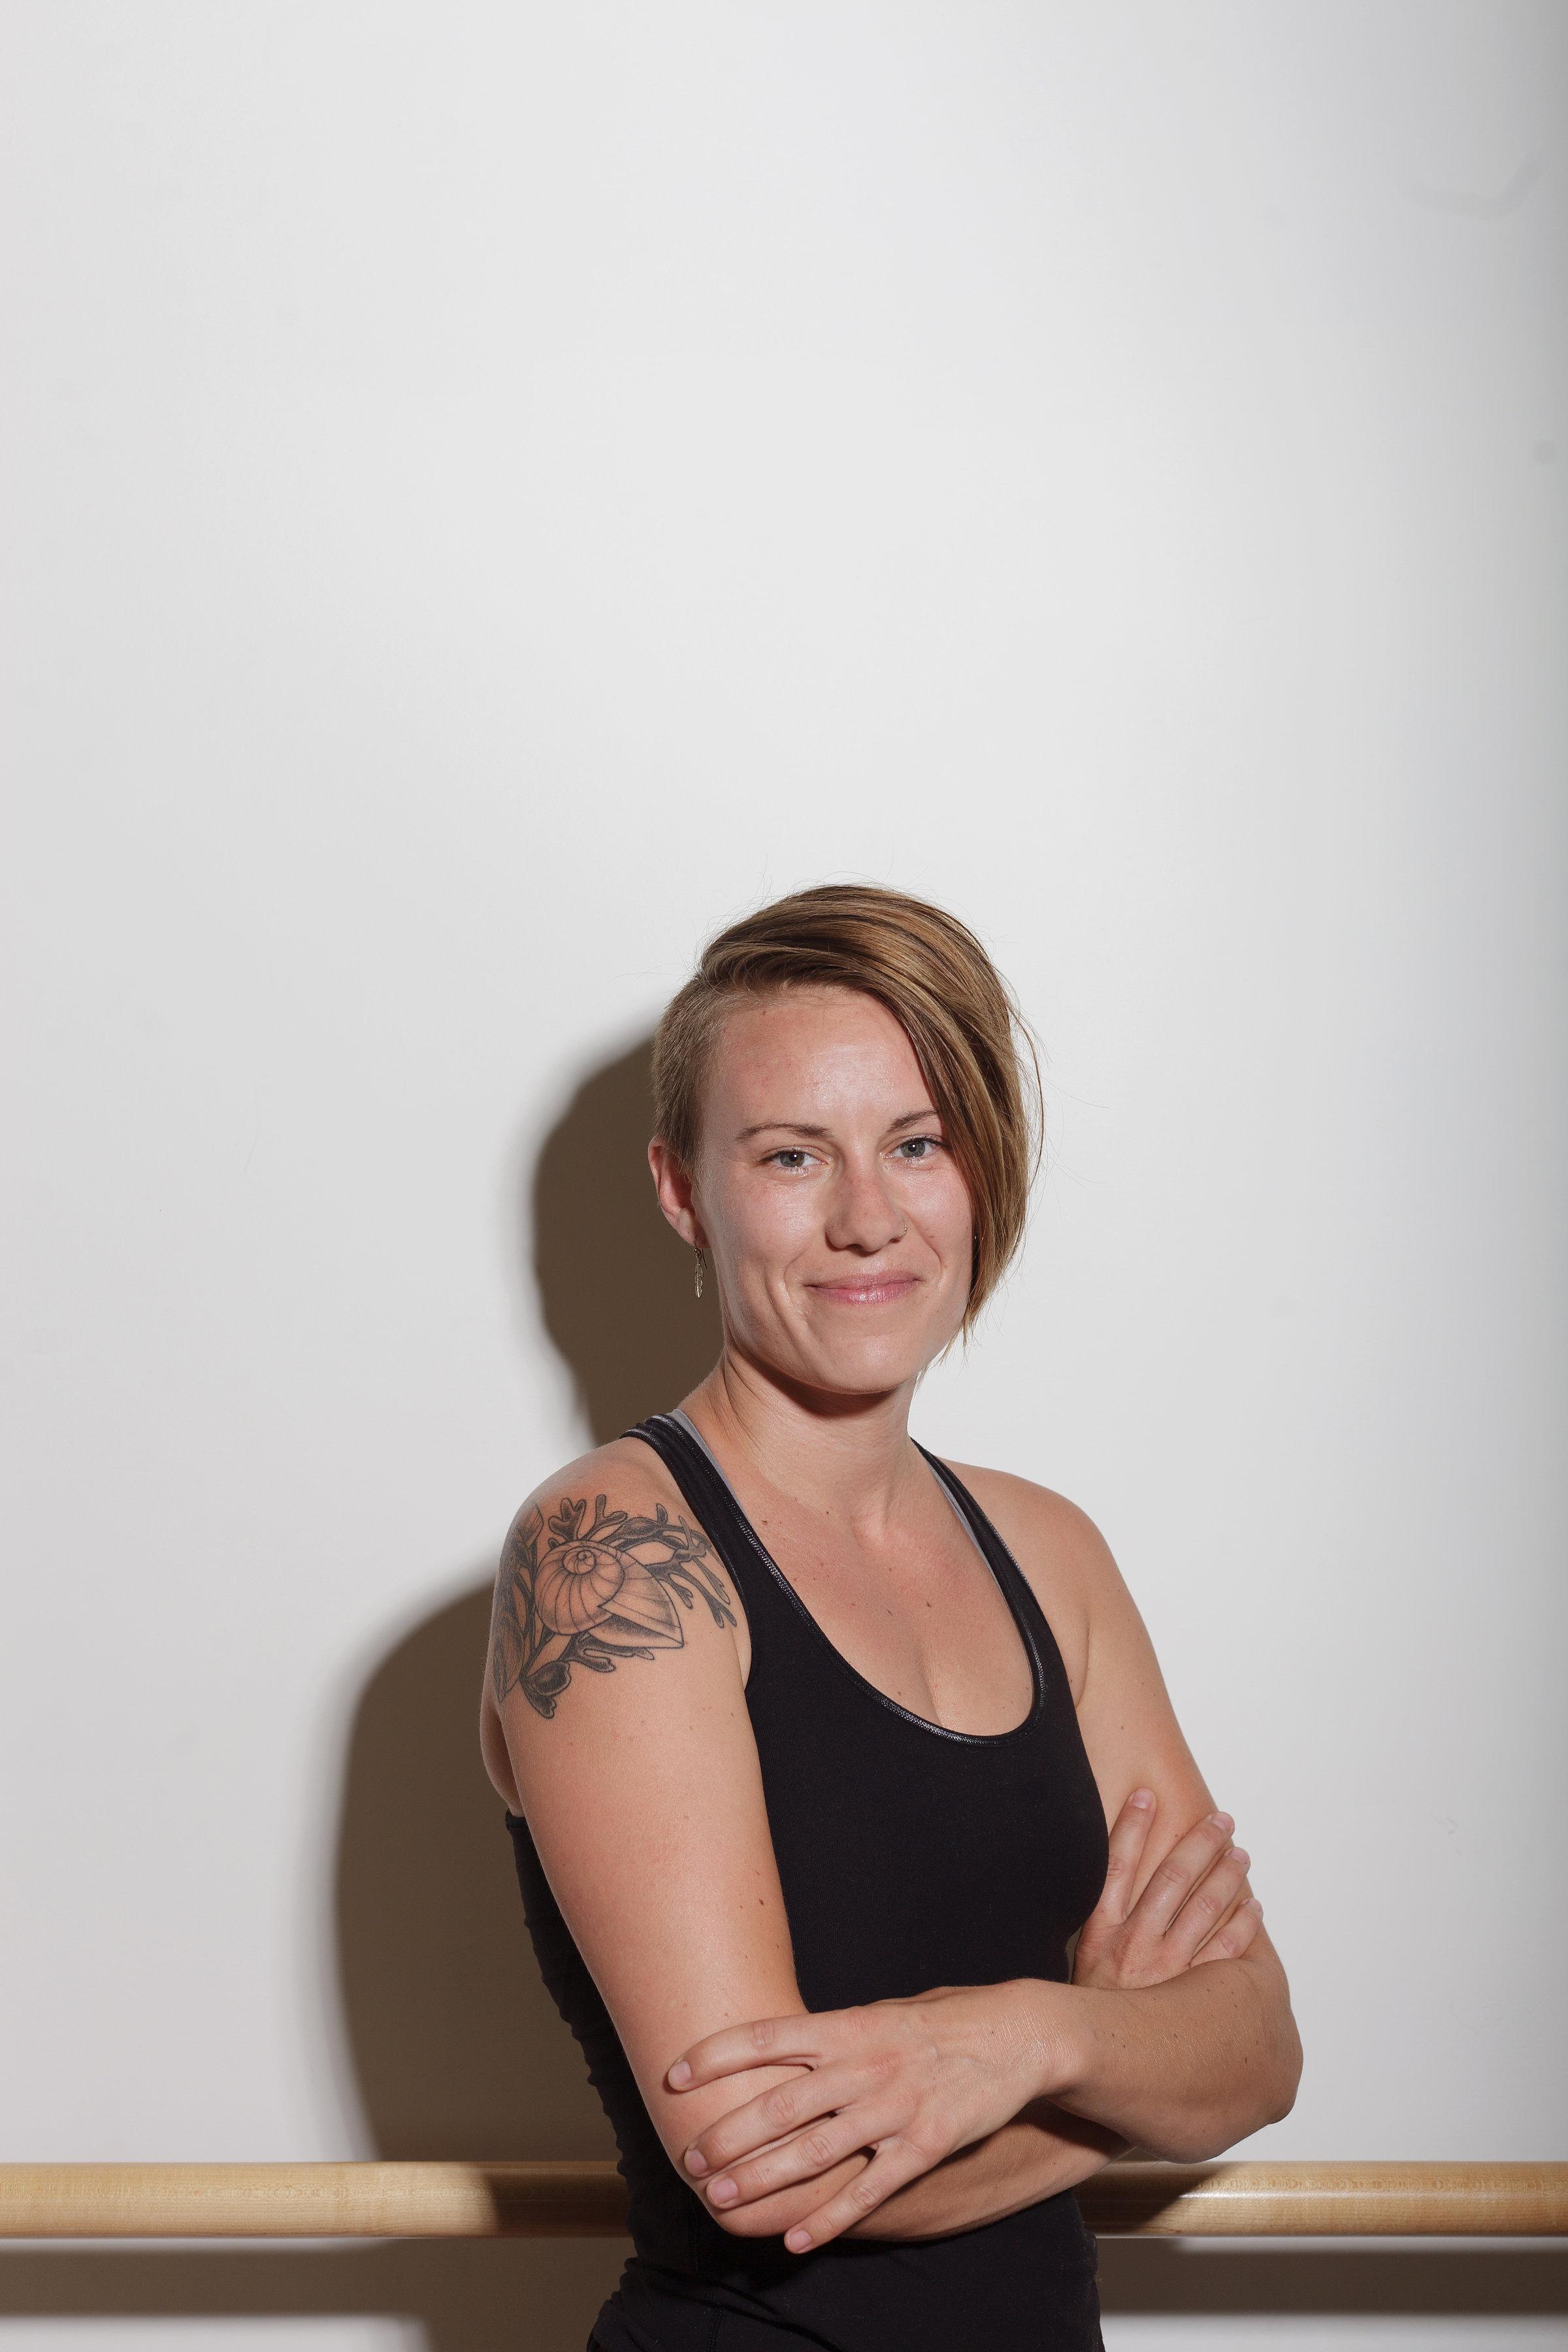 Lauren Znachko